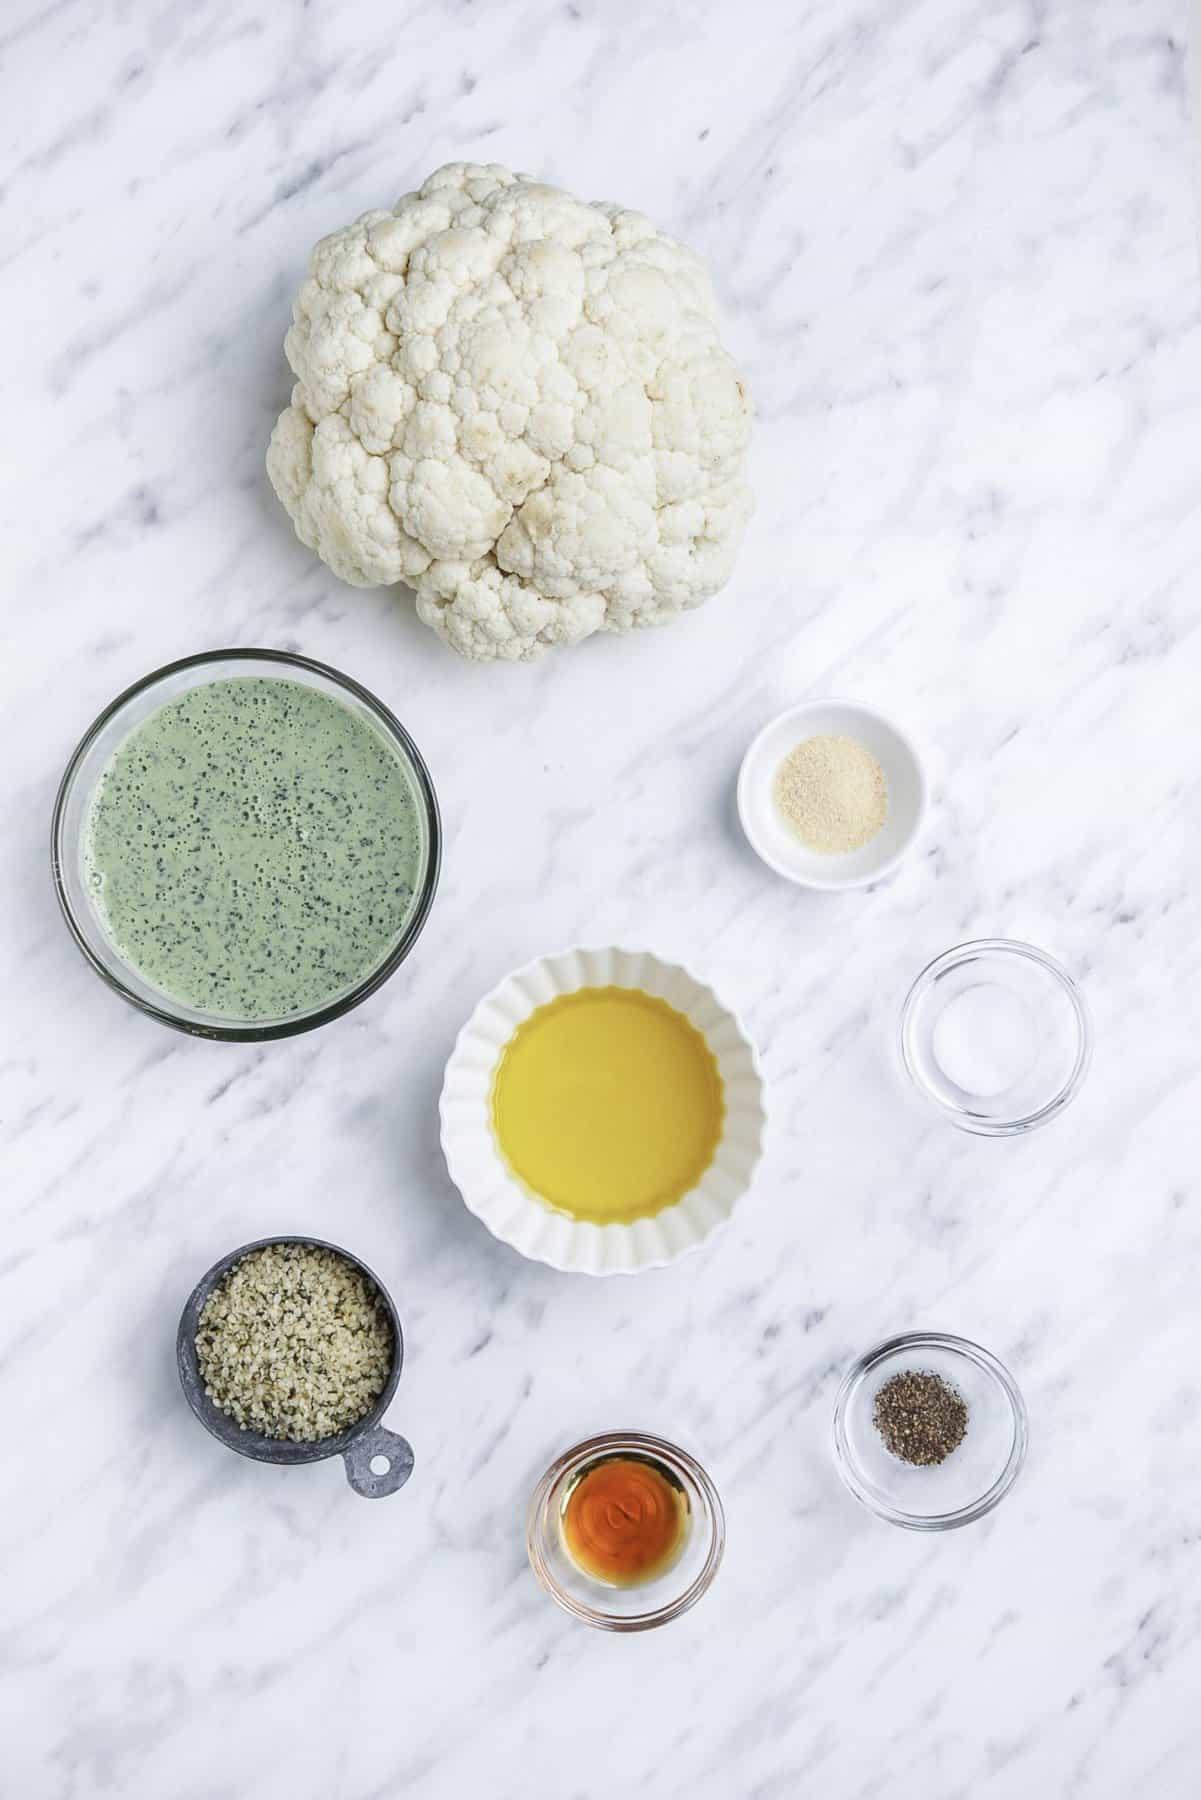 Whole Roasted Cauliflower Ingredients